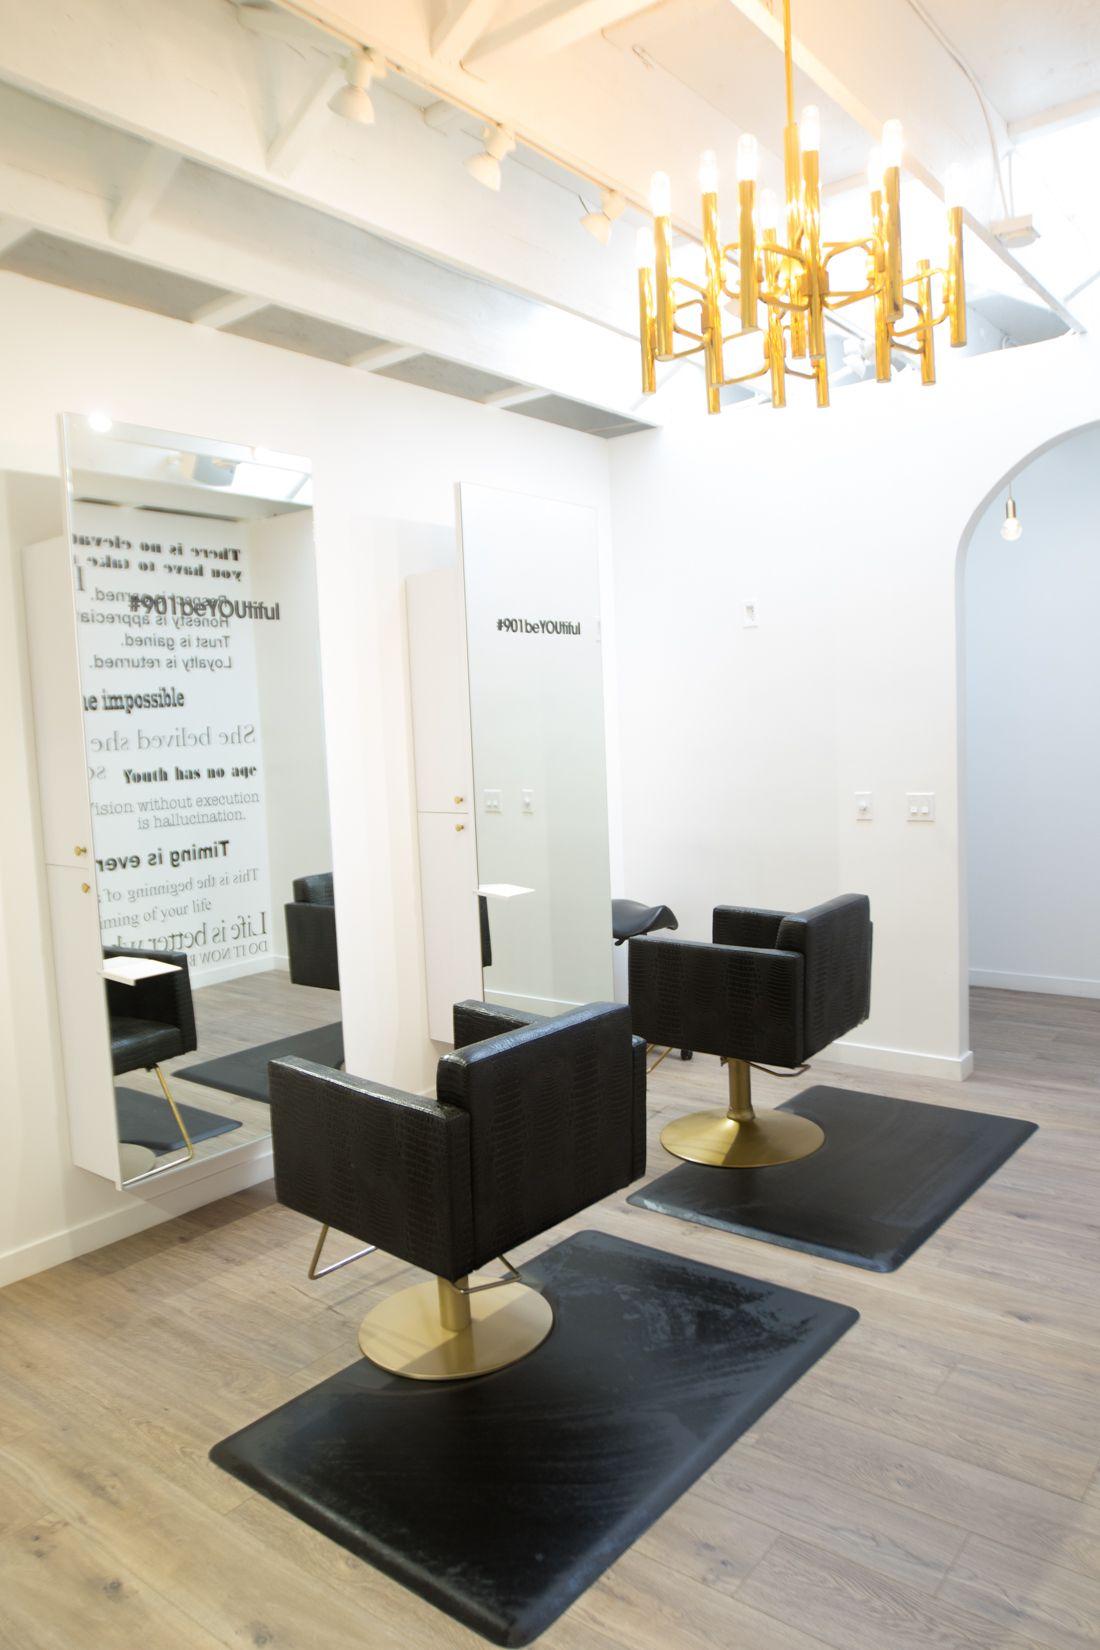 Salon nine zero one salon salon beauty bar beauty salon interior salon interior salon for Salon interior design software